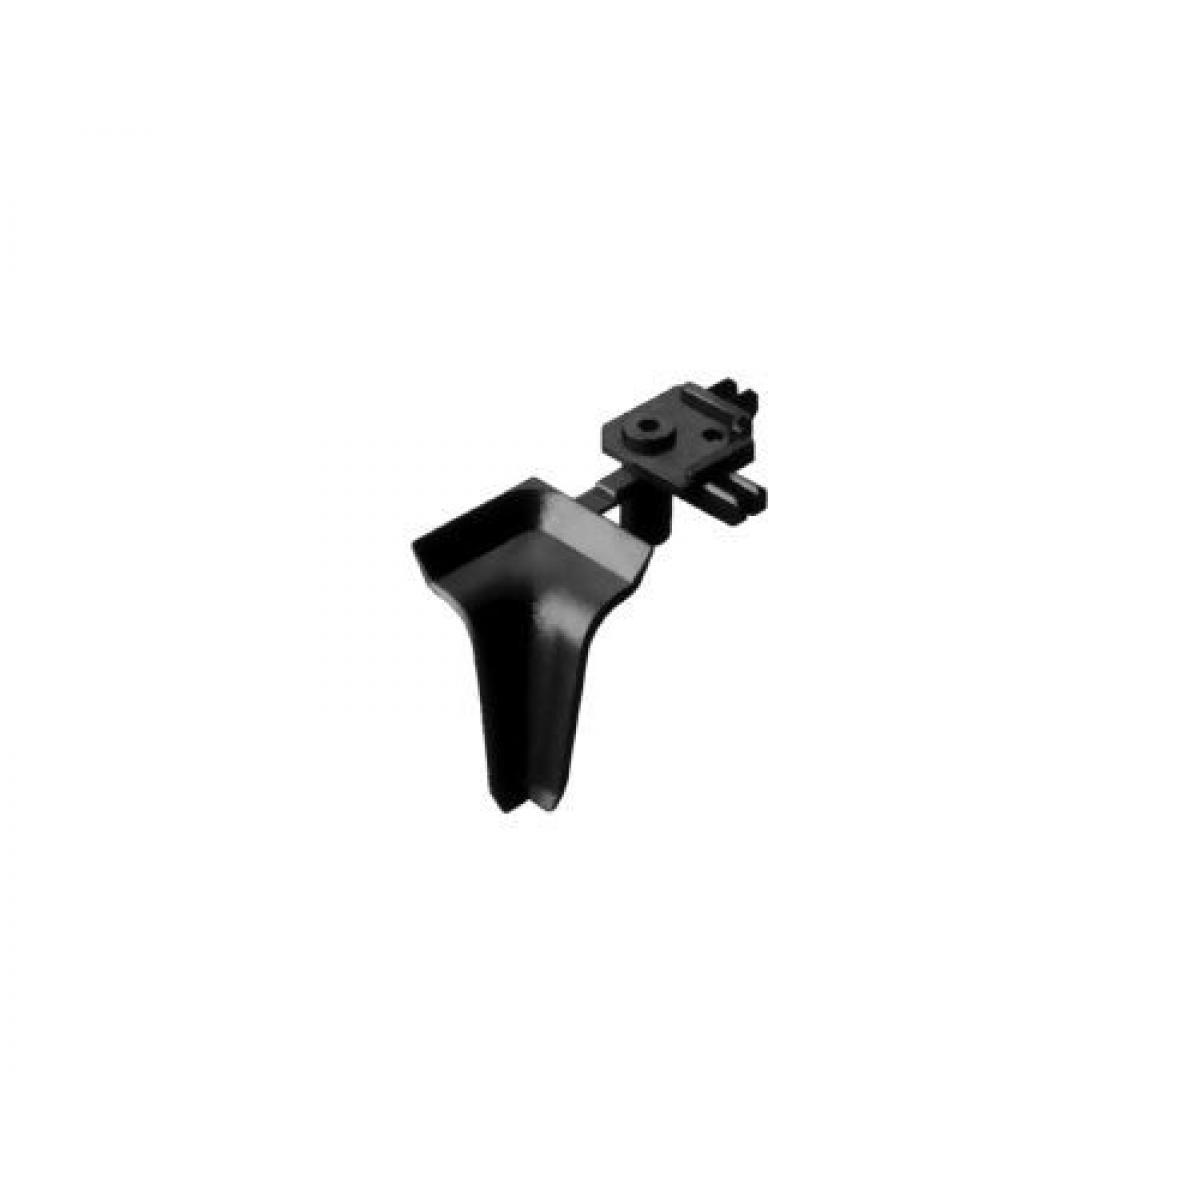 Угол внутренний 90 гр к плинтусу столешницы AA8207, цвет серый